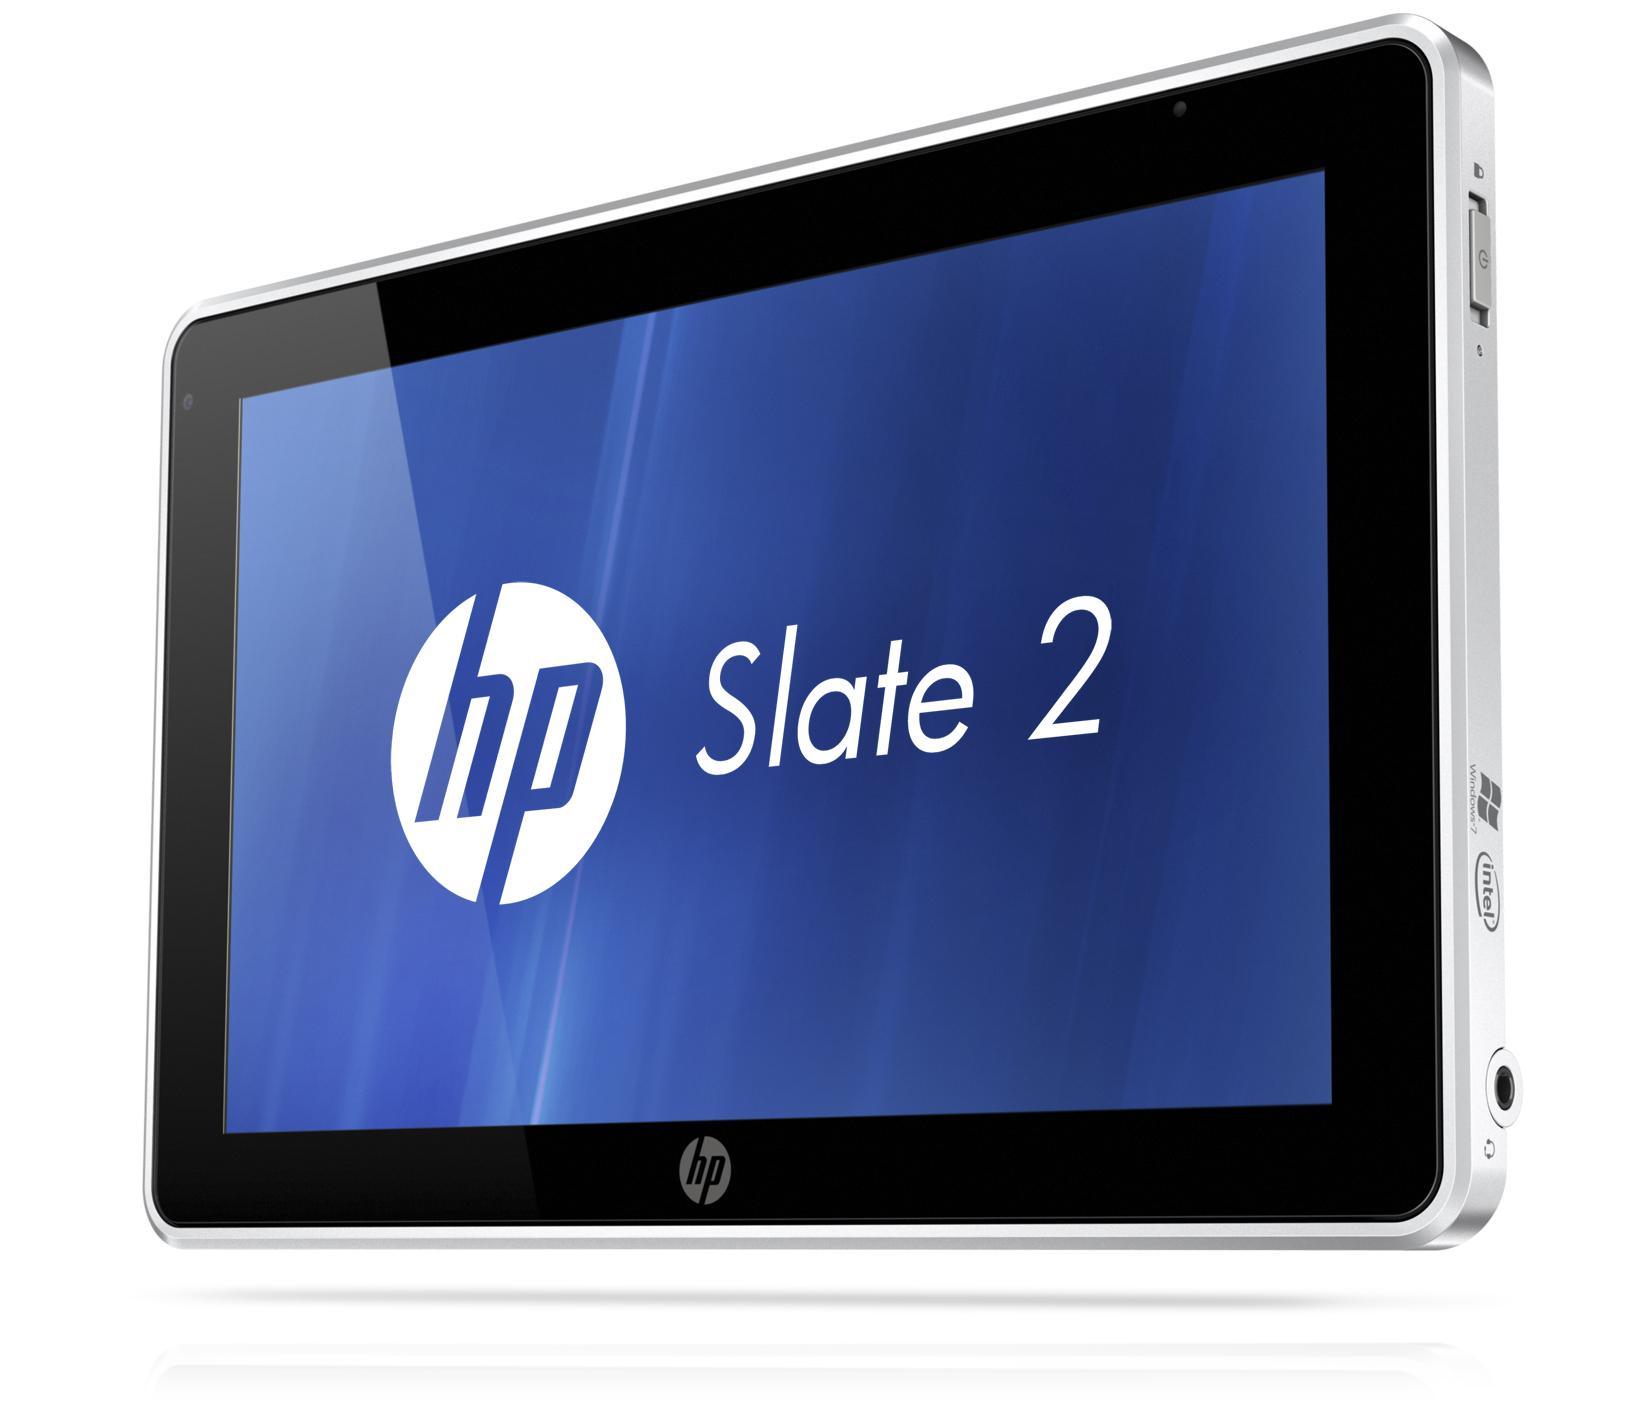 hp presenta su nueva tablet con windows 7 poderpda. Black Bedroom Furniture Sets. Home Design Ideas